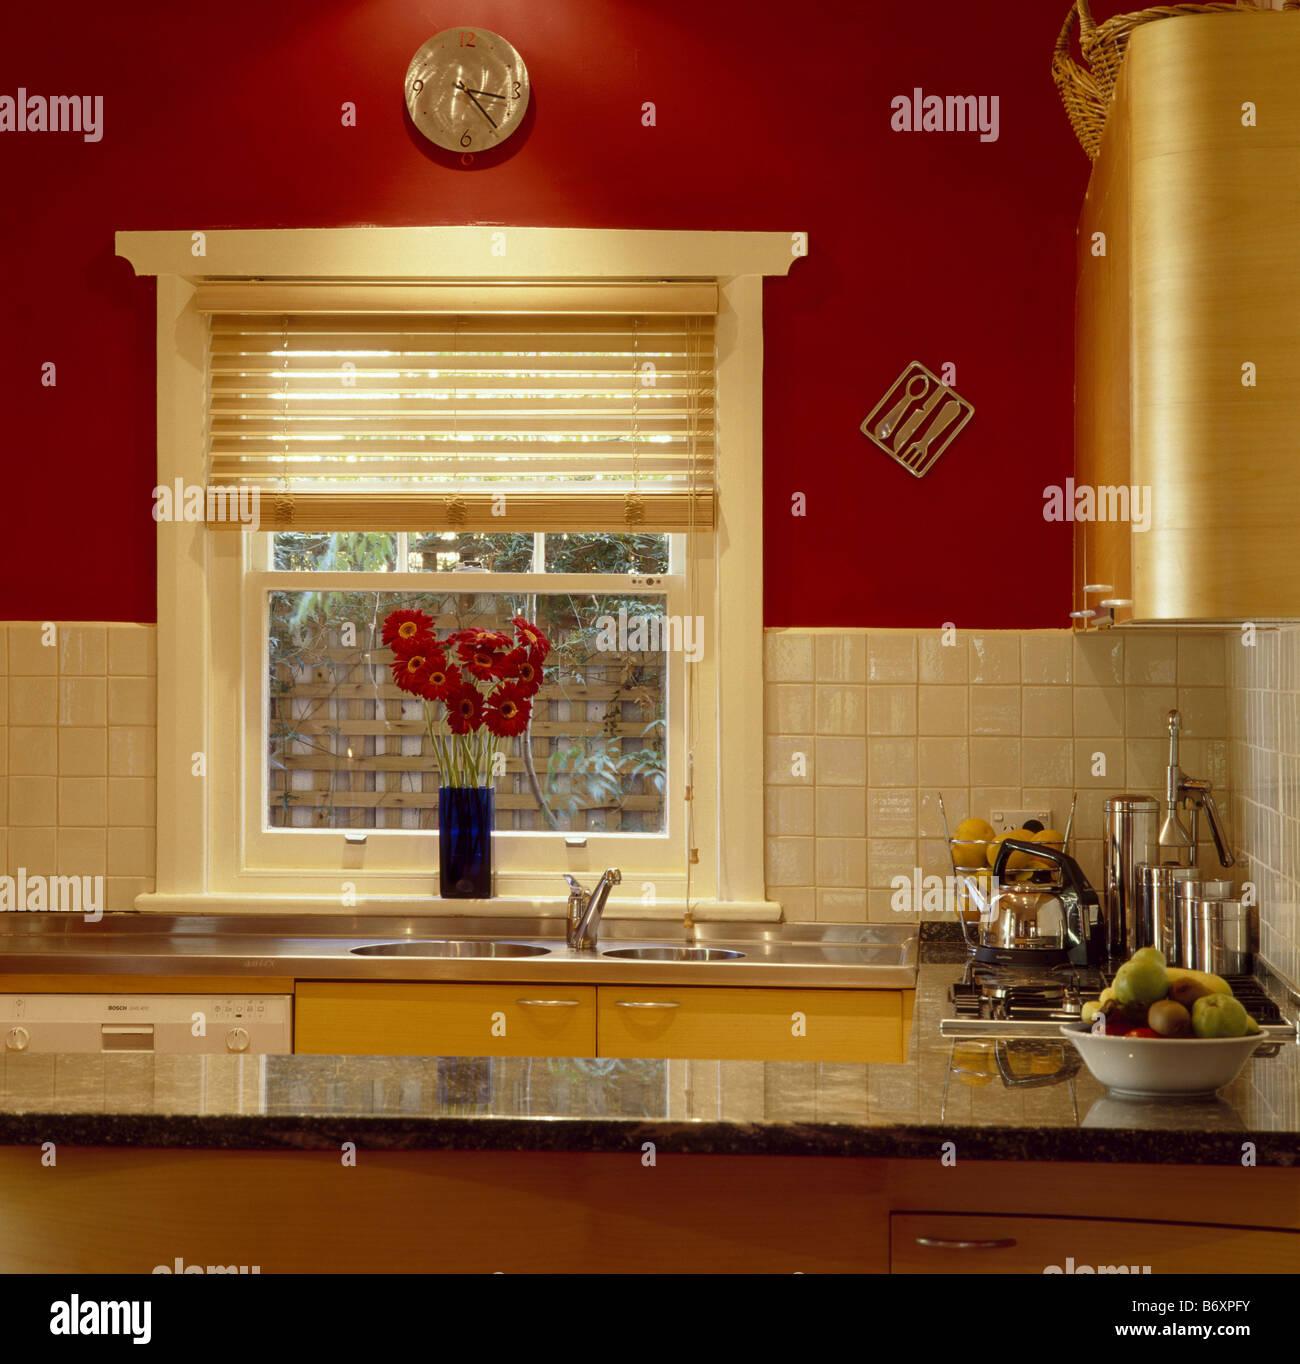 Cream Pinoleum Blind On Window In Red Kitchen With Cream